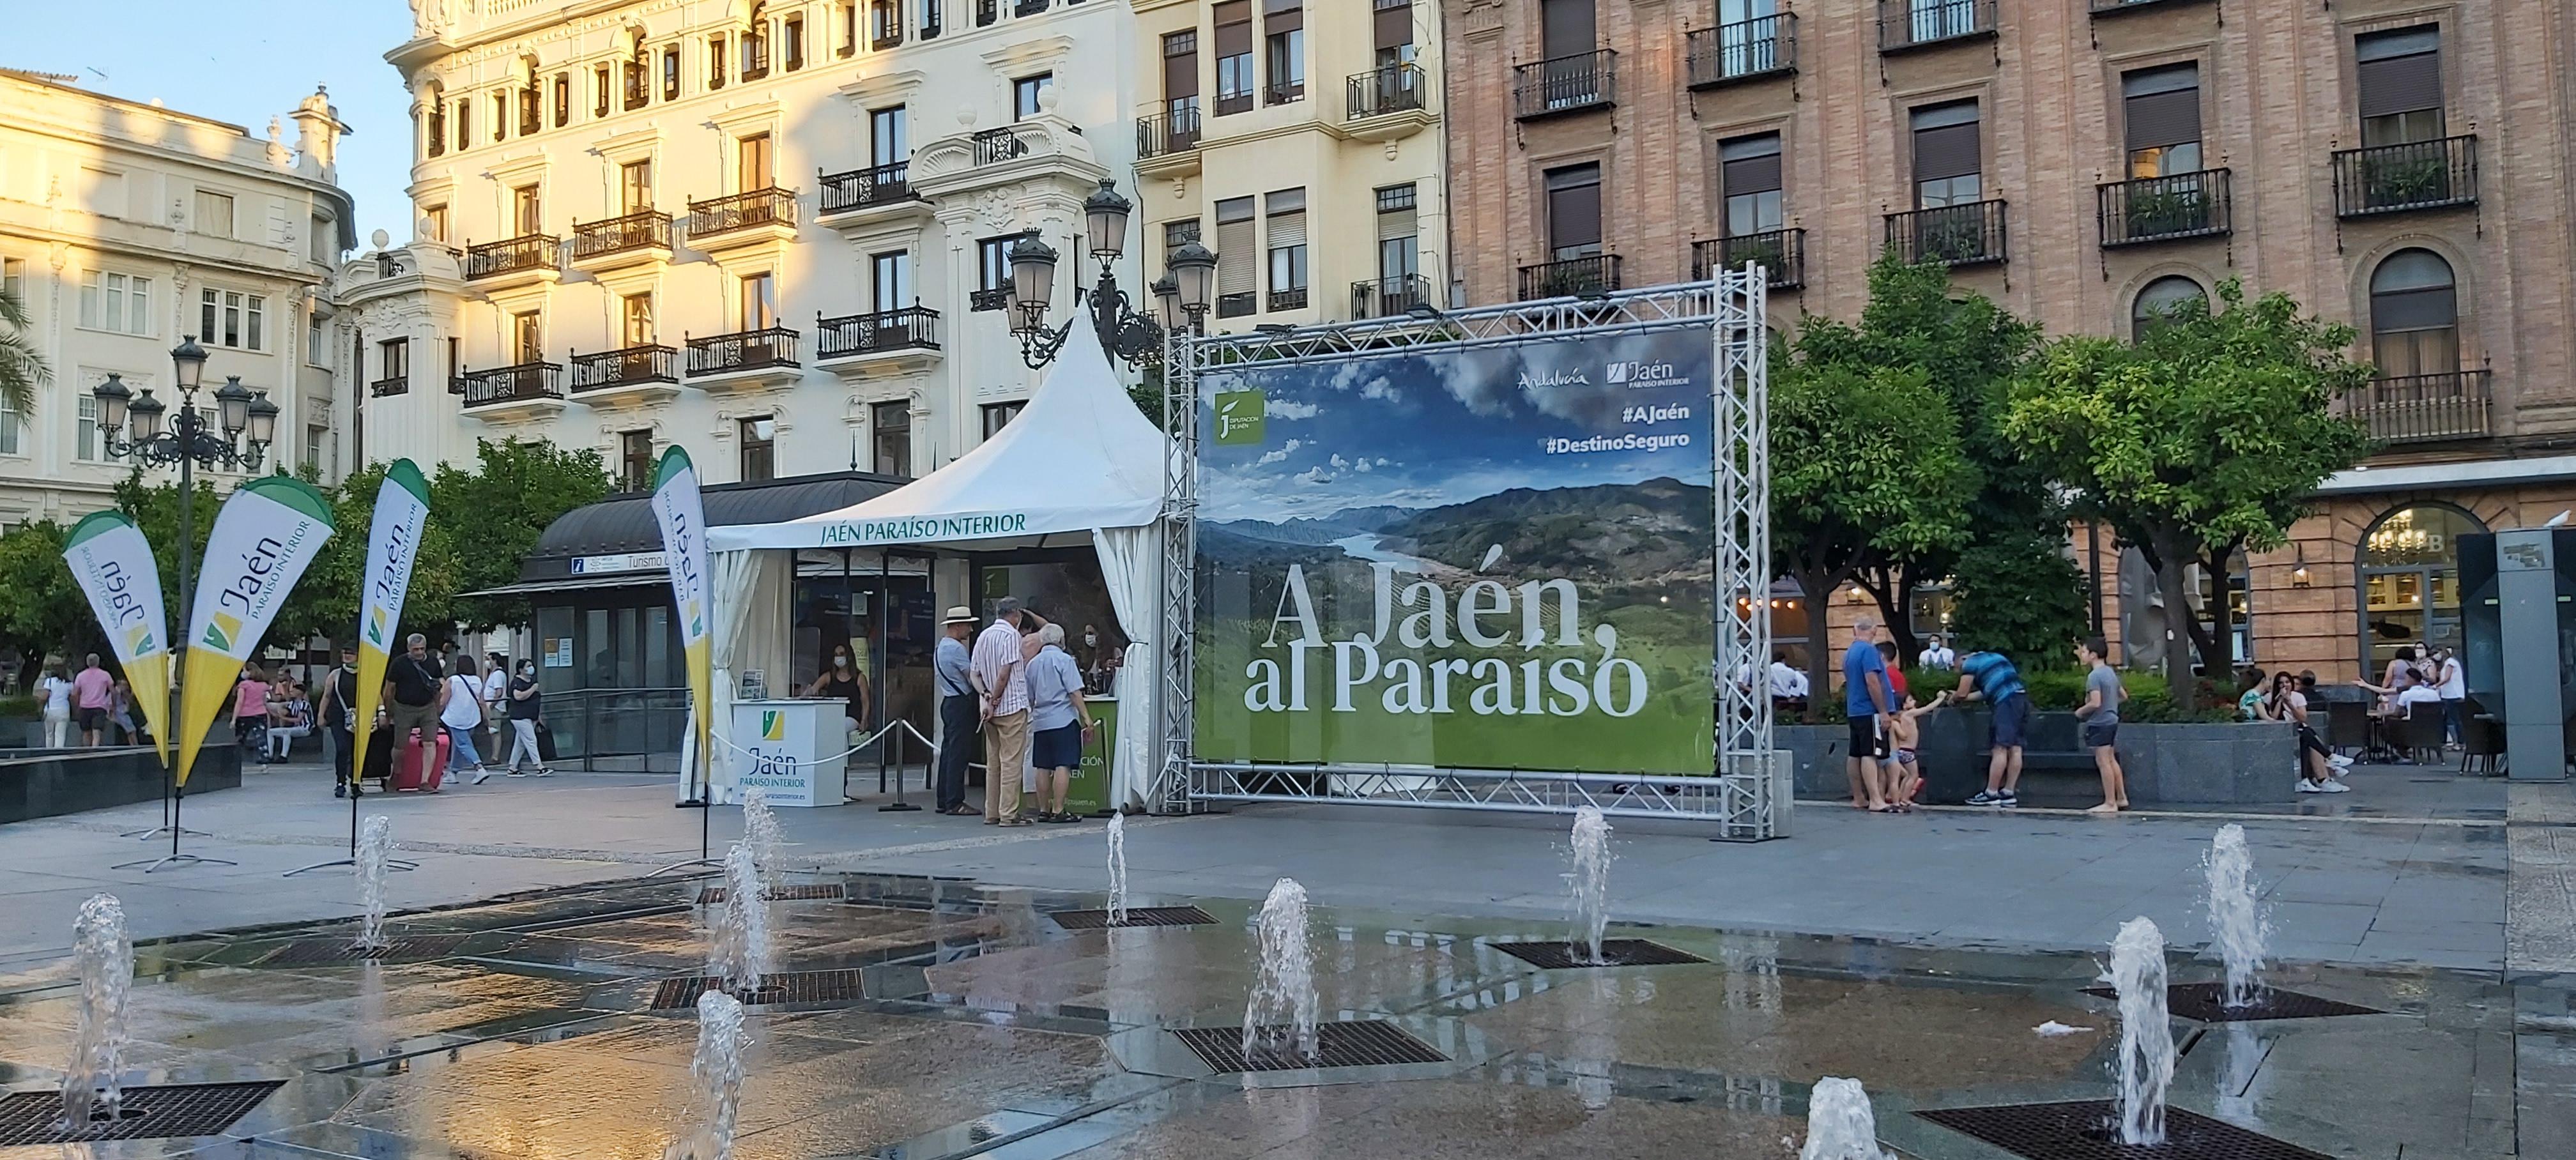 Jaén promociona sus bondades turísticas en pleno centro de Granada